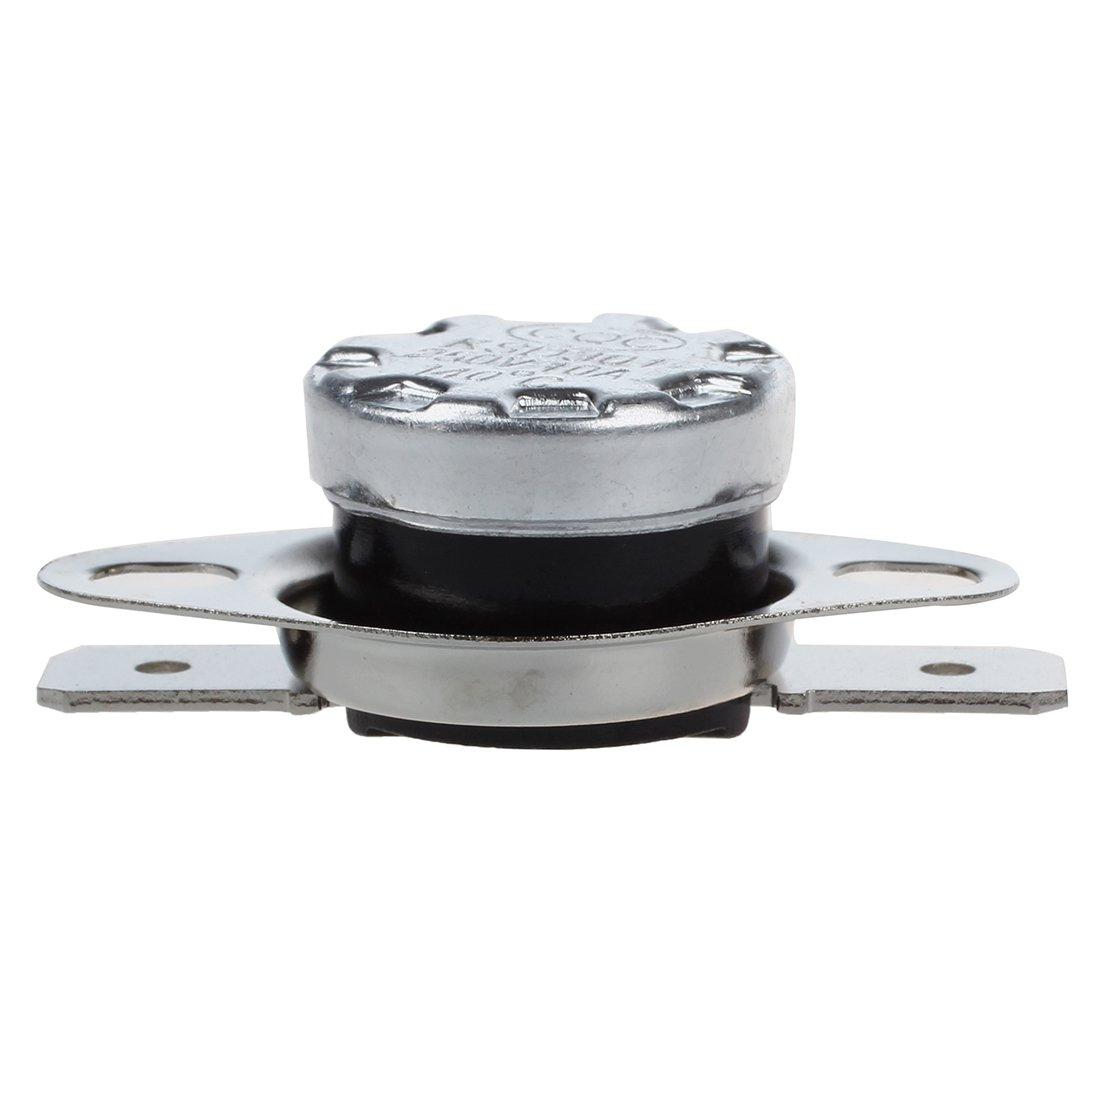 Interruptor de termostato - SODIAL(R) 2 piezas 140 Celsius Interruptor de termostato cerrado normal KSD301